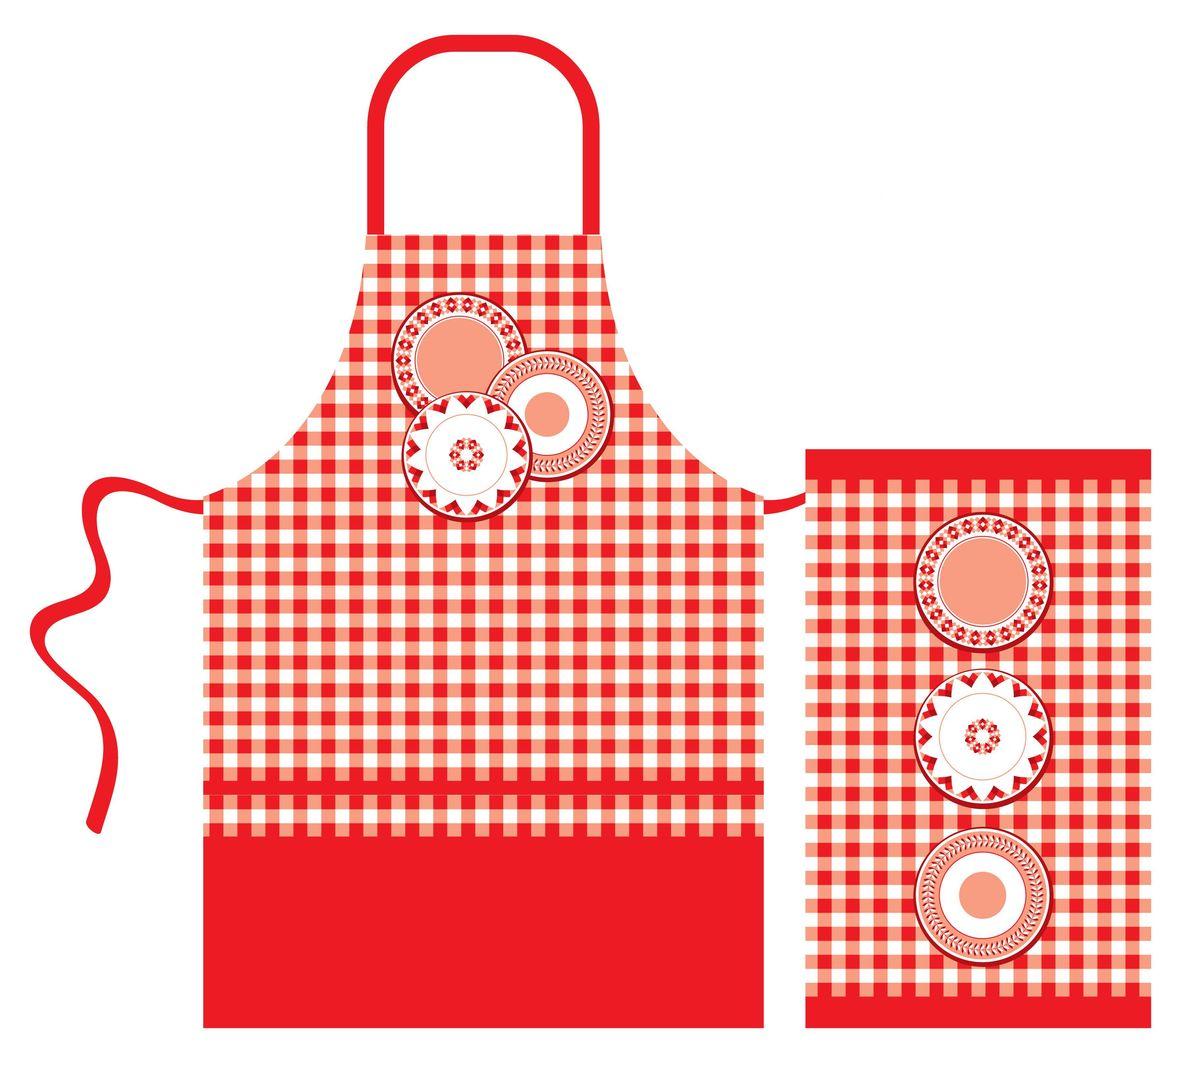 Набор кухонного текстиля Home Queen Red kitchen: фартук, полотенце67419Набор кухонного текстиля Home Queen Red kitchen, состоящий из фартука и полотенца, выполнен из 100% хлопка и украшен ярким клетчатым принтом и изображением тарелок.Фартук на завязках вокруг талии. Такой набор украсит интерьер вашей кухни и внесет яркую ноту в повседневные заботы.